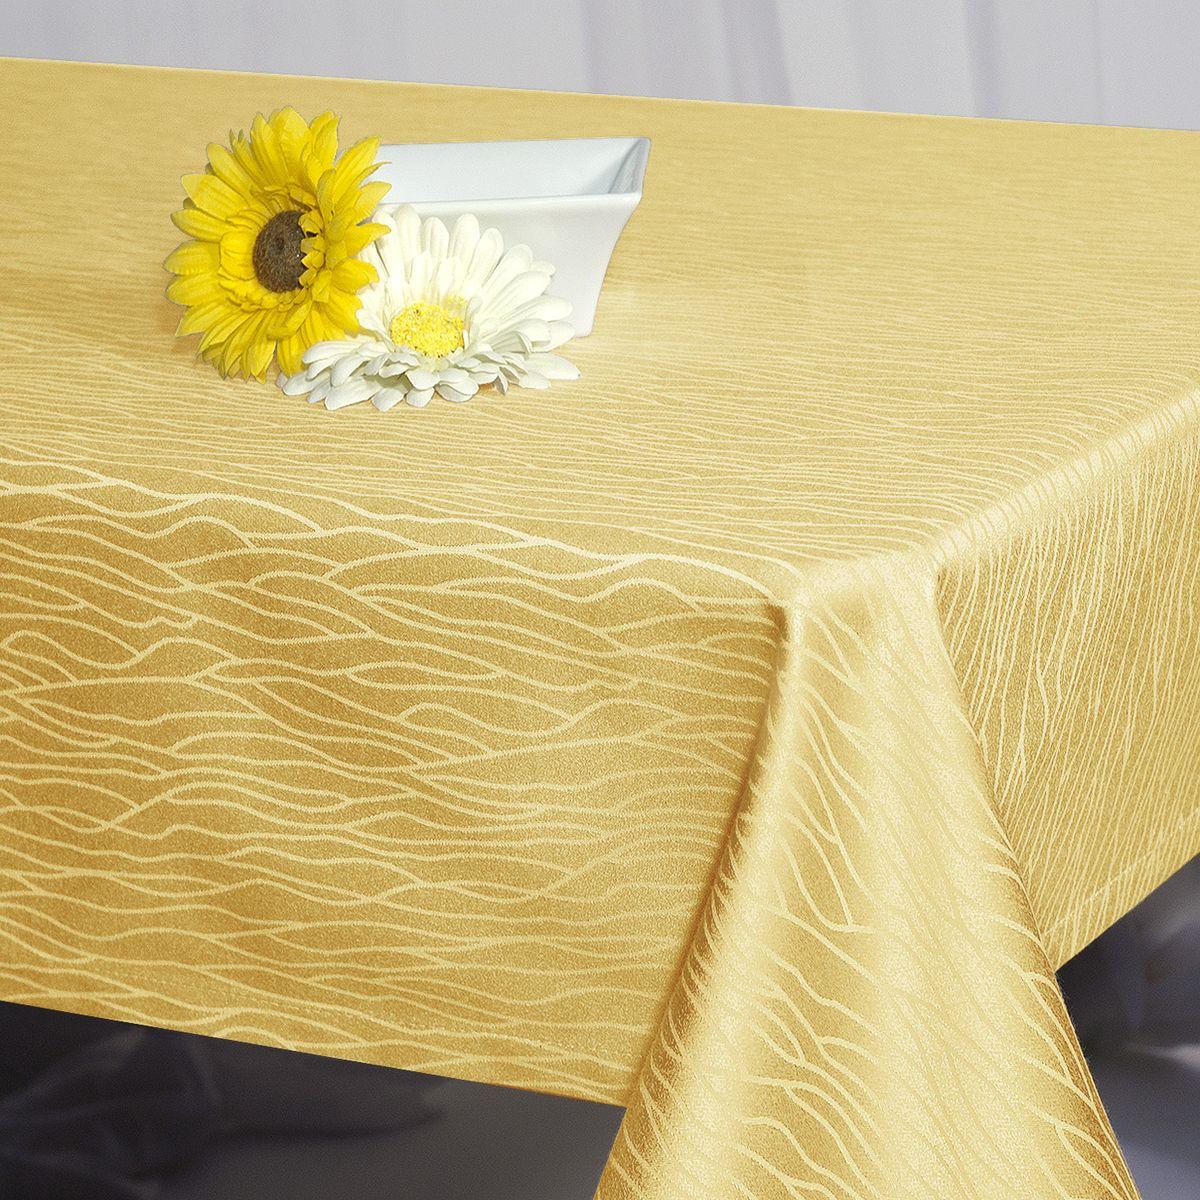 Скатерть Schaefer, прямоугольная, цвет: желтый, 130 x 170 см. 07424-42910503Стильная скатерть Schaefer выполнена из полиэстера и хлопка.Изделия из полиэстера легко стирать: они не мнутся, не садятся и быстро сохнут, они более долговечны, чем изделия из натуральных волокон.Немецкая компания Schaefer создана в 1921 году. На протяжении всего времени существования она создает уникальные коллекции домашнего текстиля для гостиных, спален, кухонь и ванных комнат. Дизайнерские идеи немецких художников компании Schaefer воплощаются в текстильных изделиях, которые сделают ваш дом красивее и уютнее и не останутся незамеченными вашими гостями. Дарите себе и близким красоту каждый день!